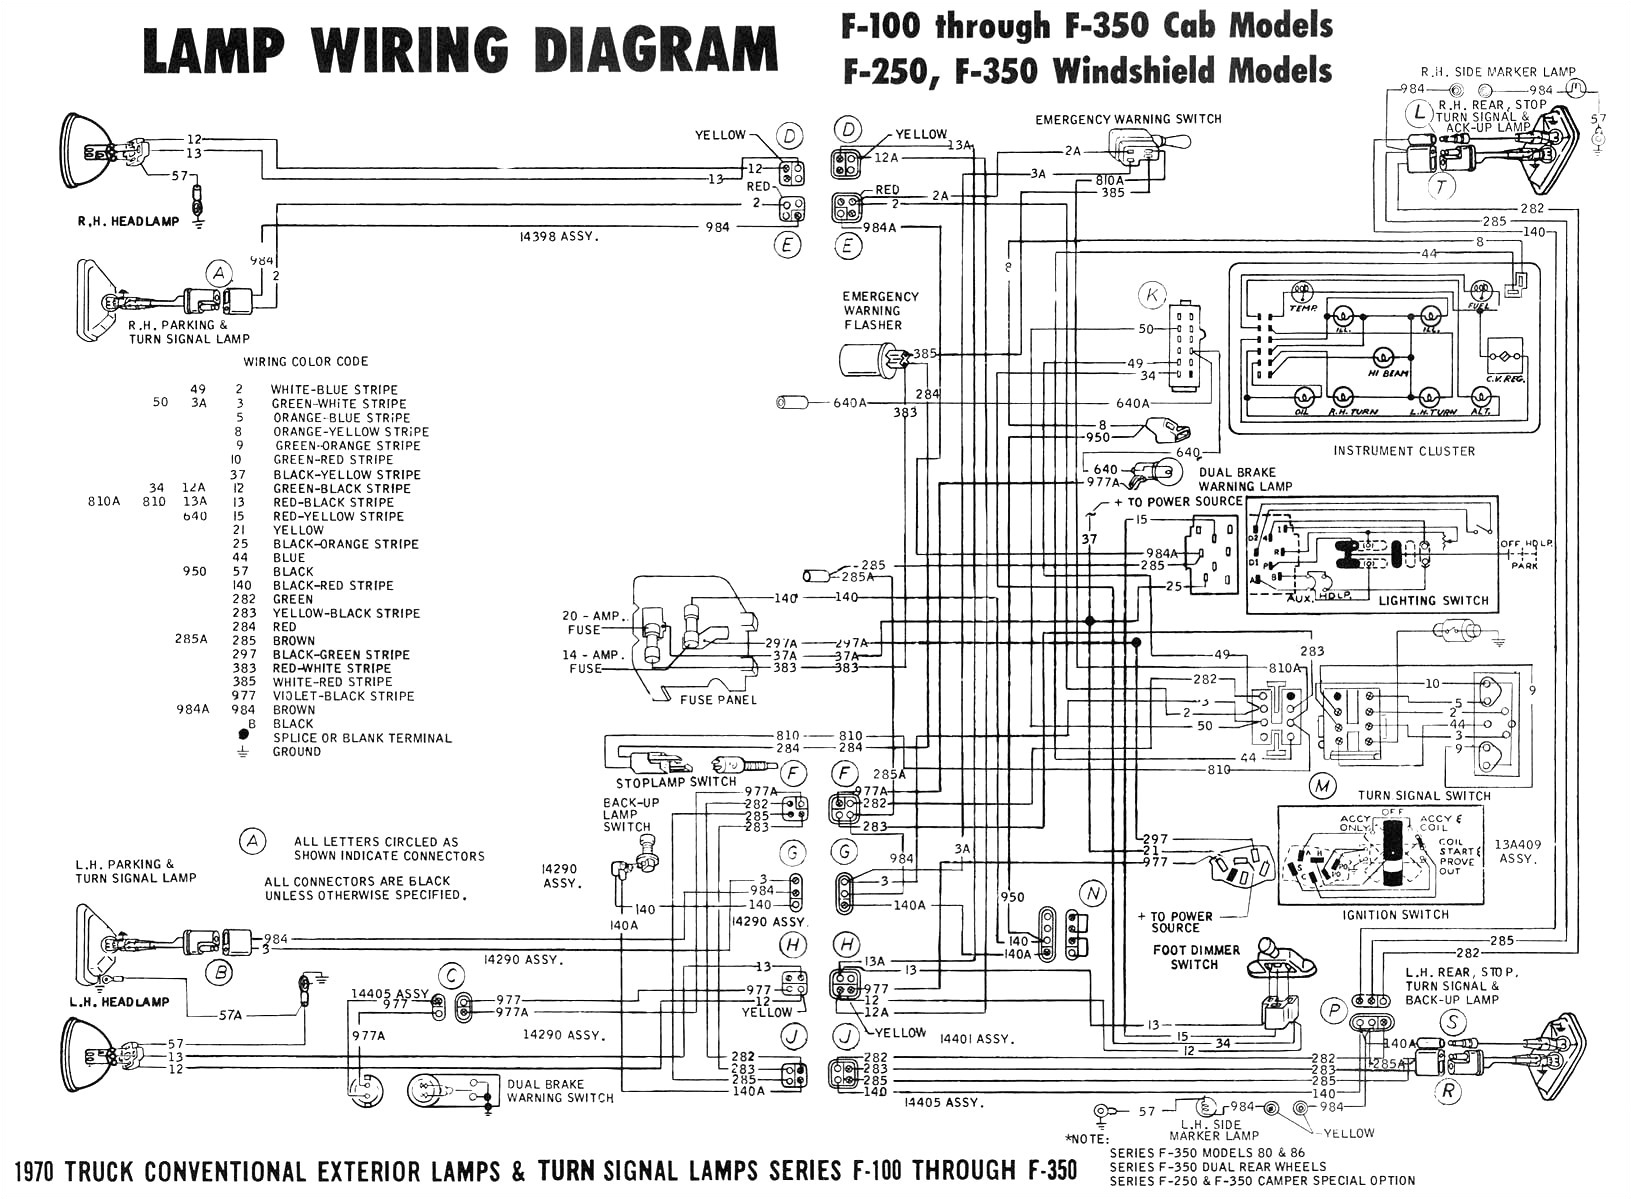 wiring diagram in spanish wiring diagram viewspanish wiring diagrams wiring diagram centre 1960 flxible bus wiring